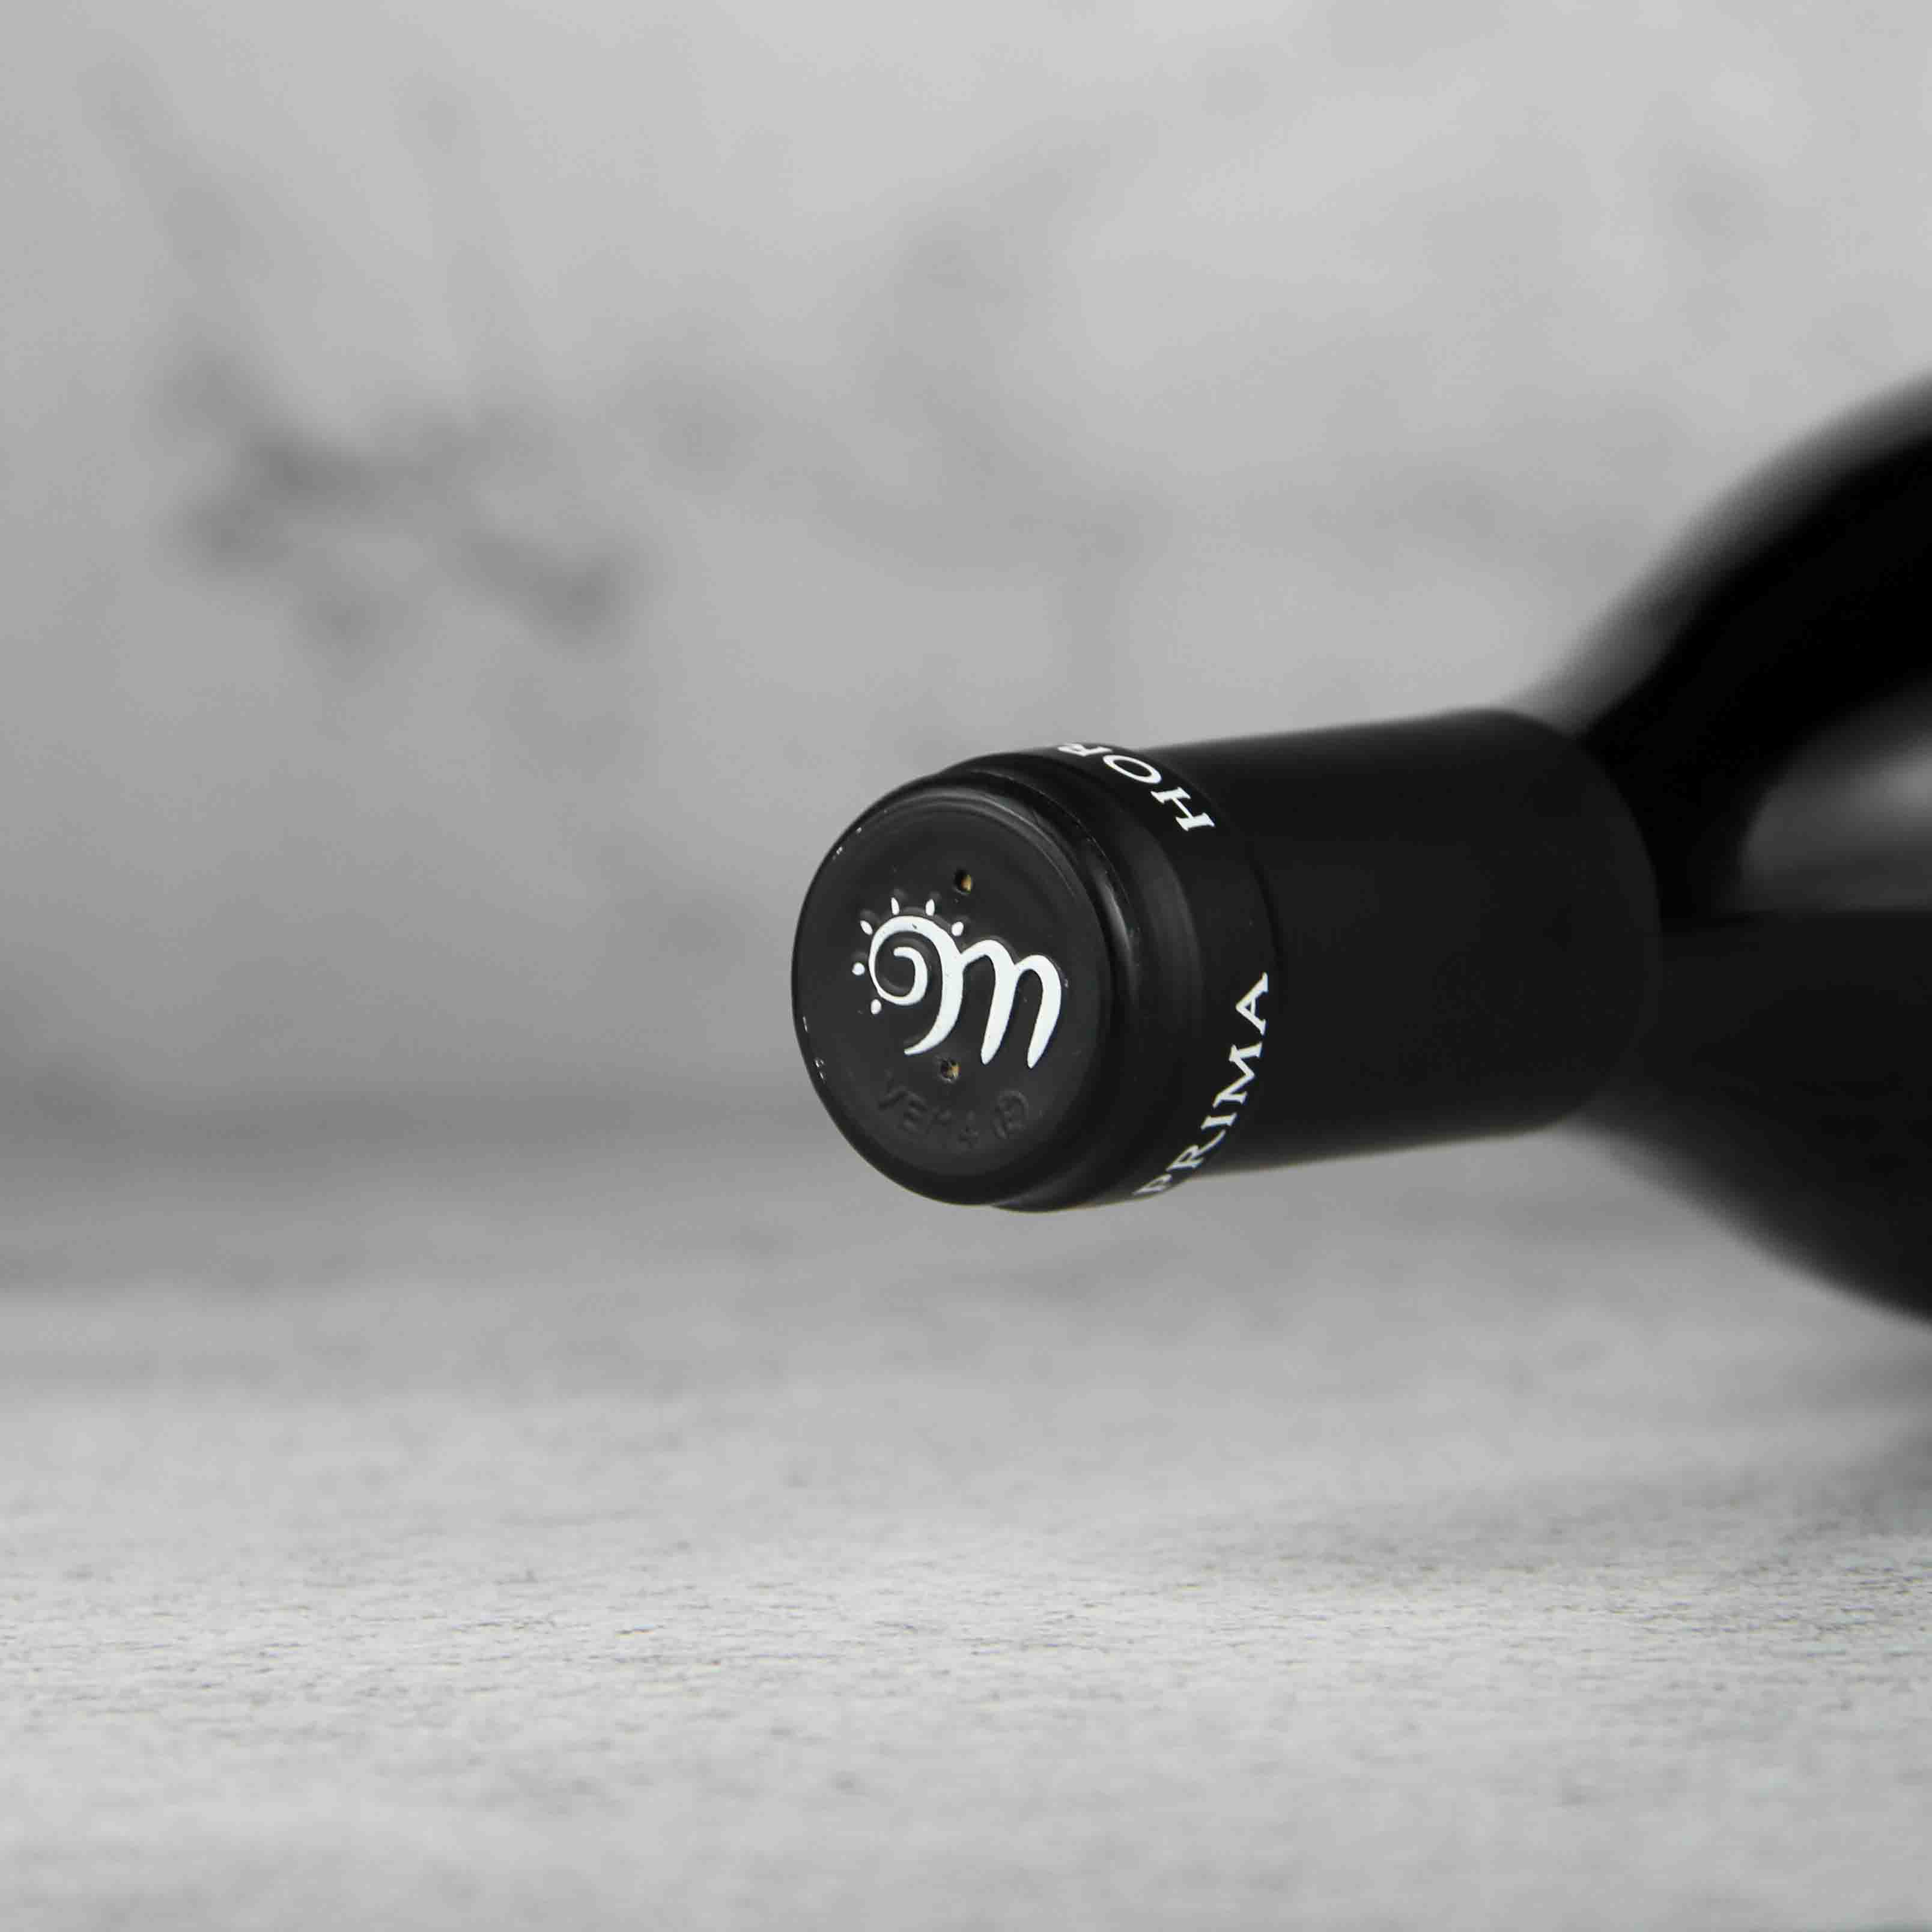 意大利威尼托塞塔干白葡萄酒